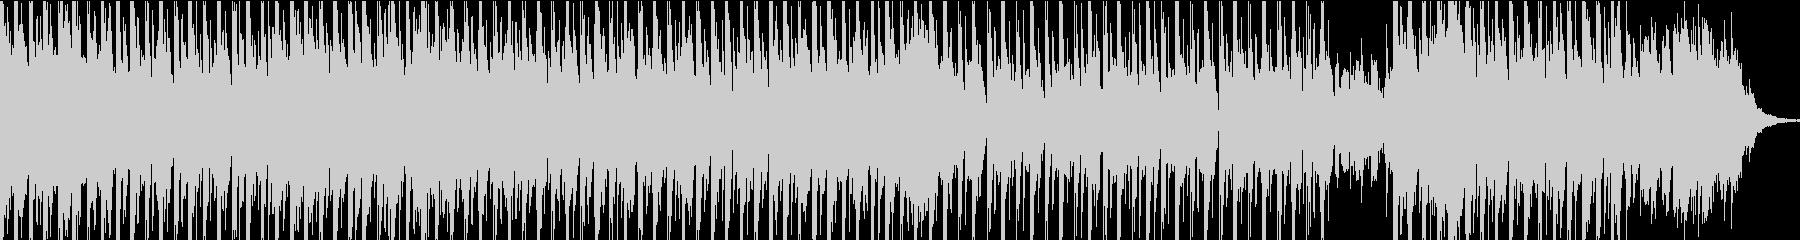 ファンキーなハウスビートとシンセア...の未再生の波形